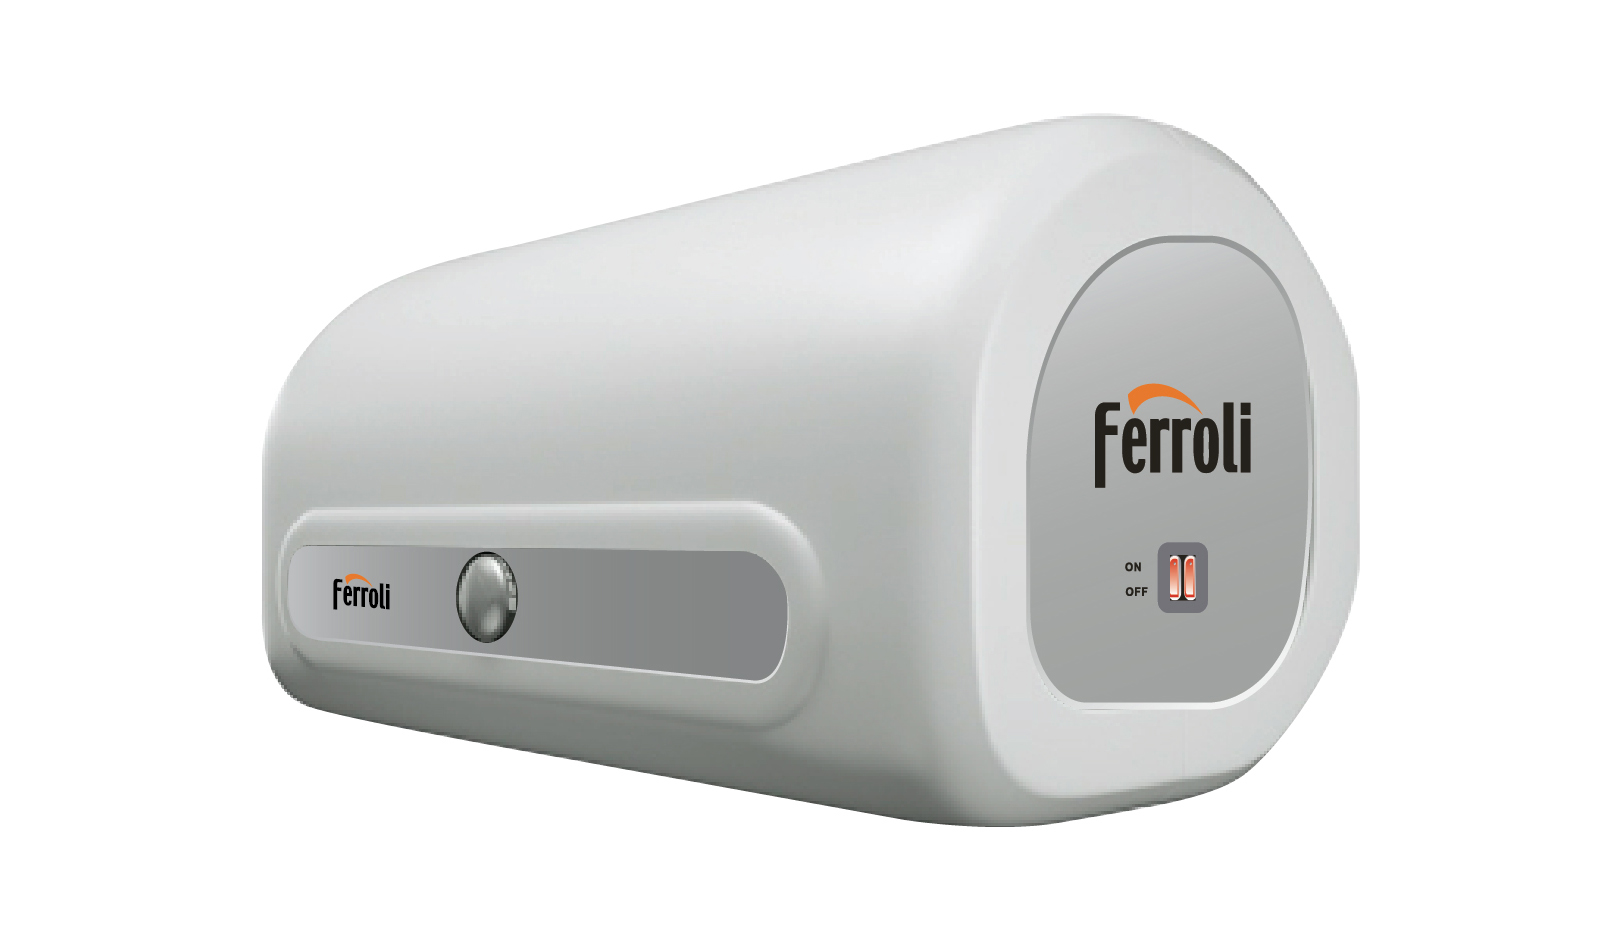 Sửa chữa bình nóng lạnh tại phạm văn đồng giá rẻ 0974222023